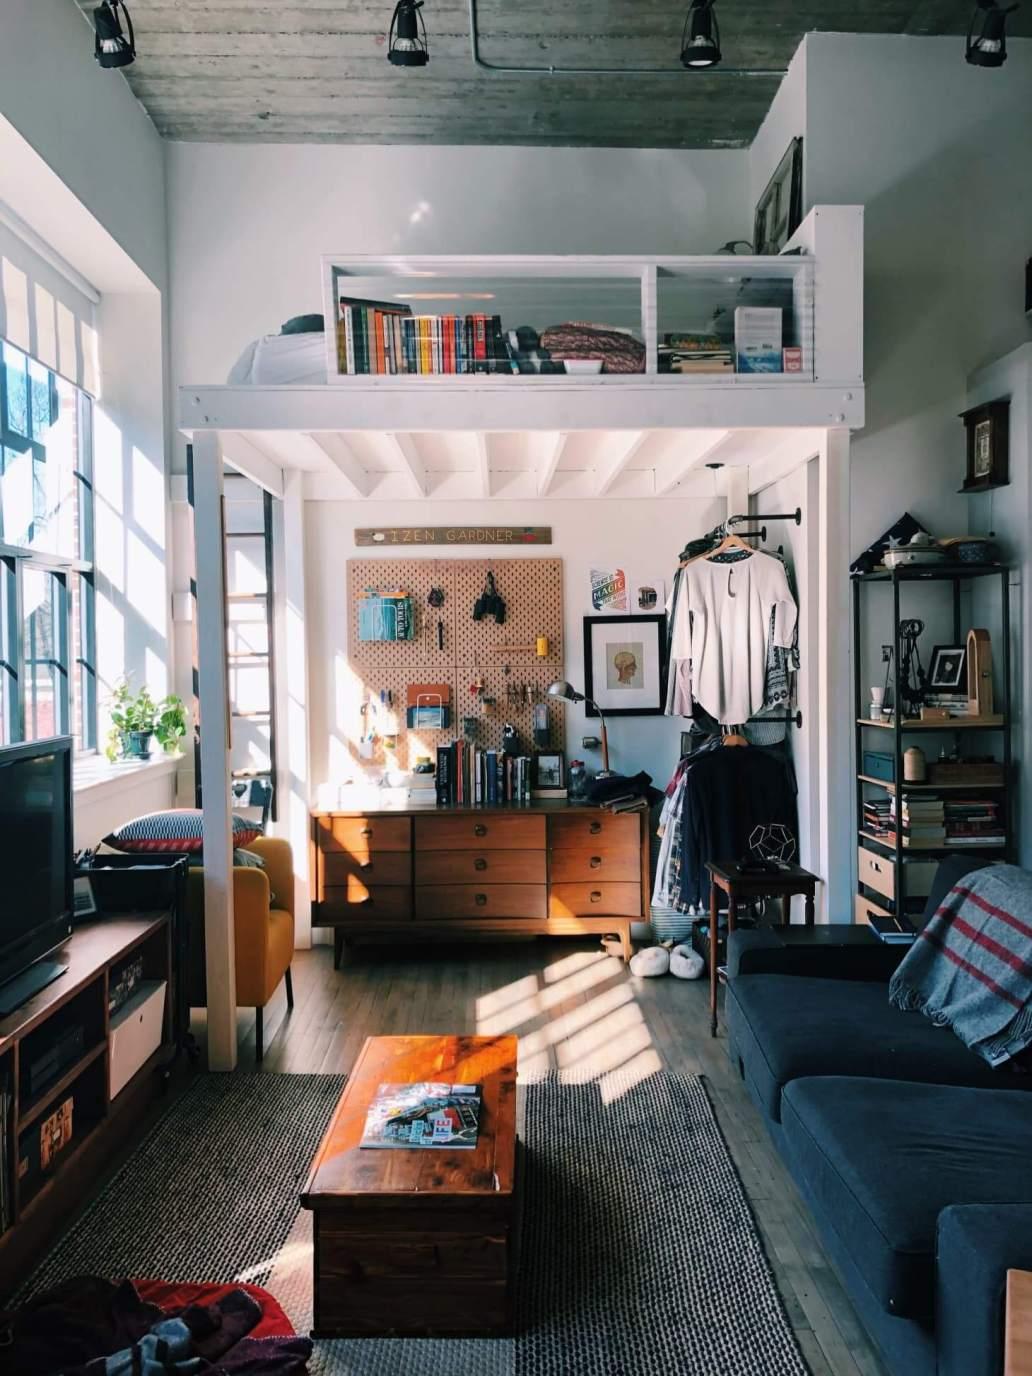 studio de vacances au style industriel  - Comment optimiser l'aménagement de son studio de vacances ?